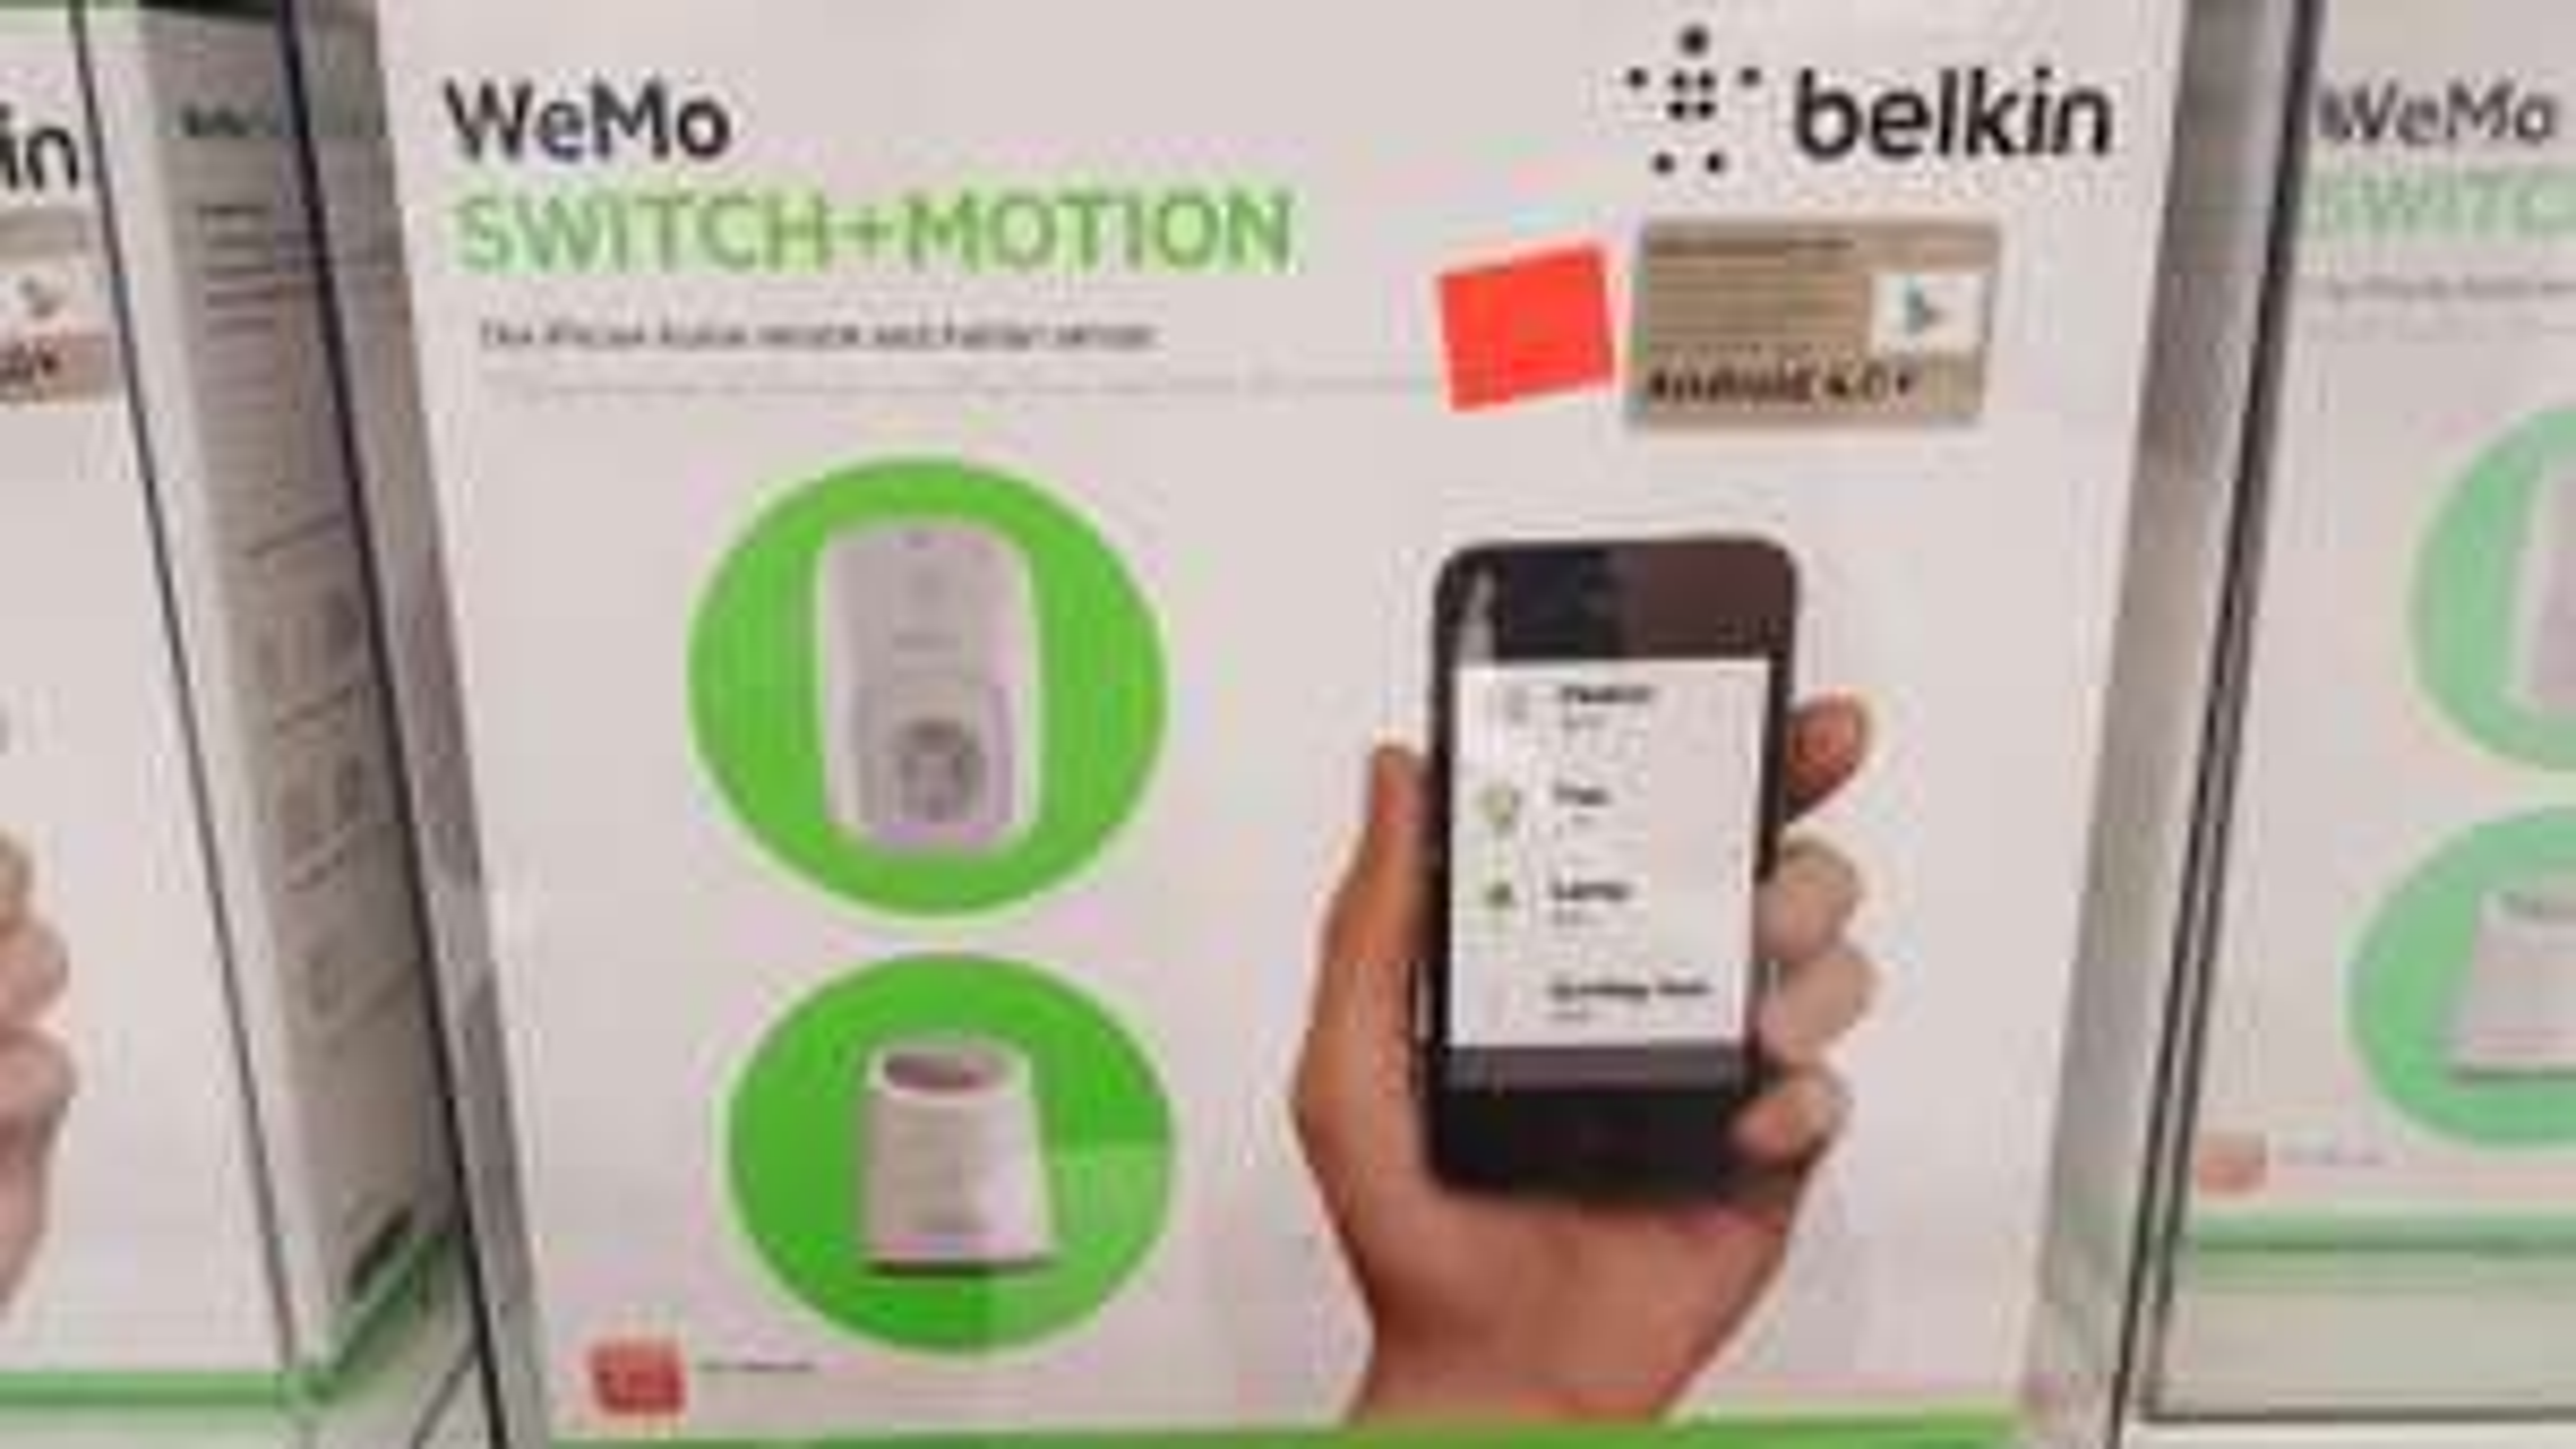 Prise connectée et détecteur de mouvements Belkin Wemo Switch+Motion